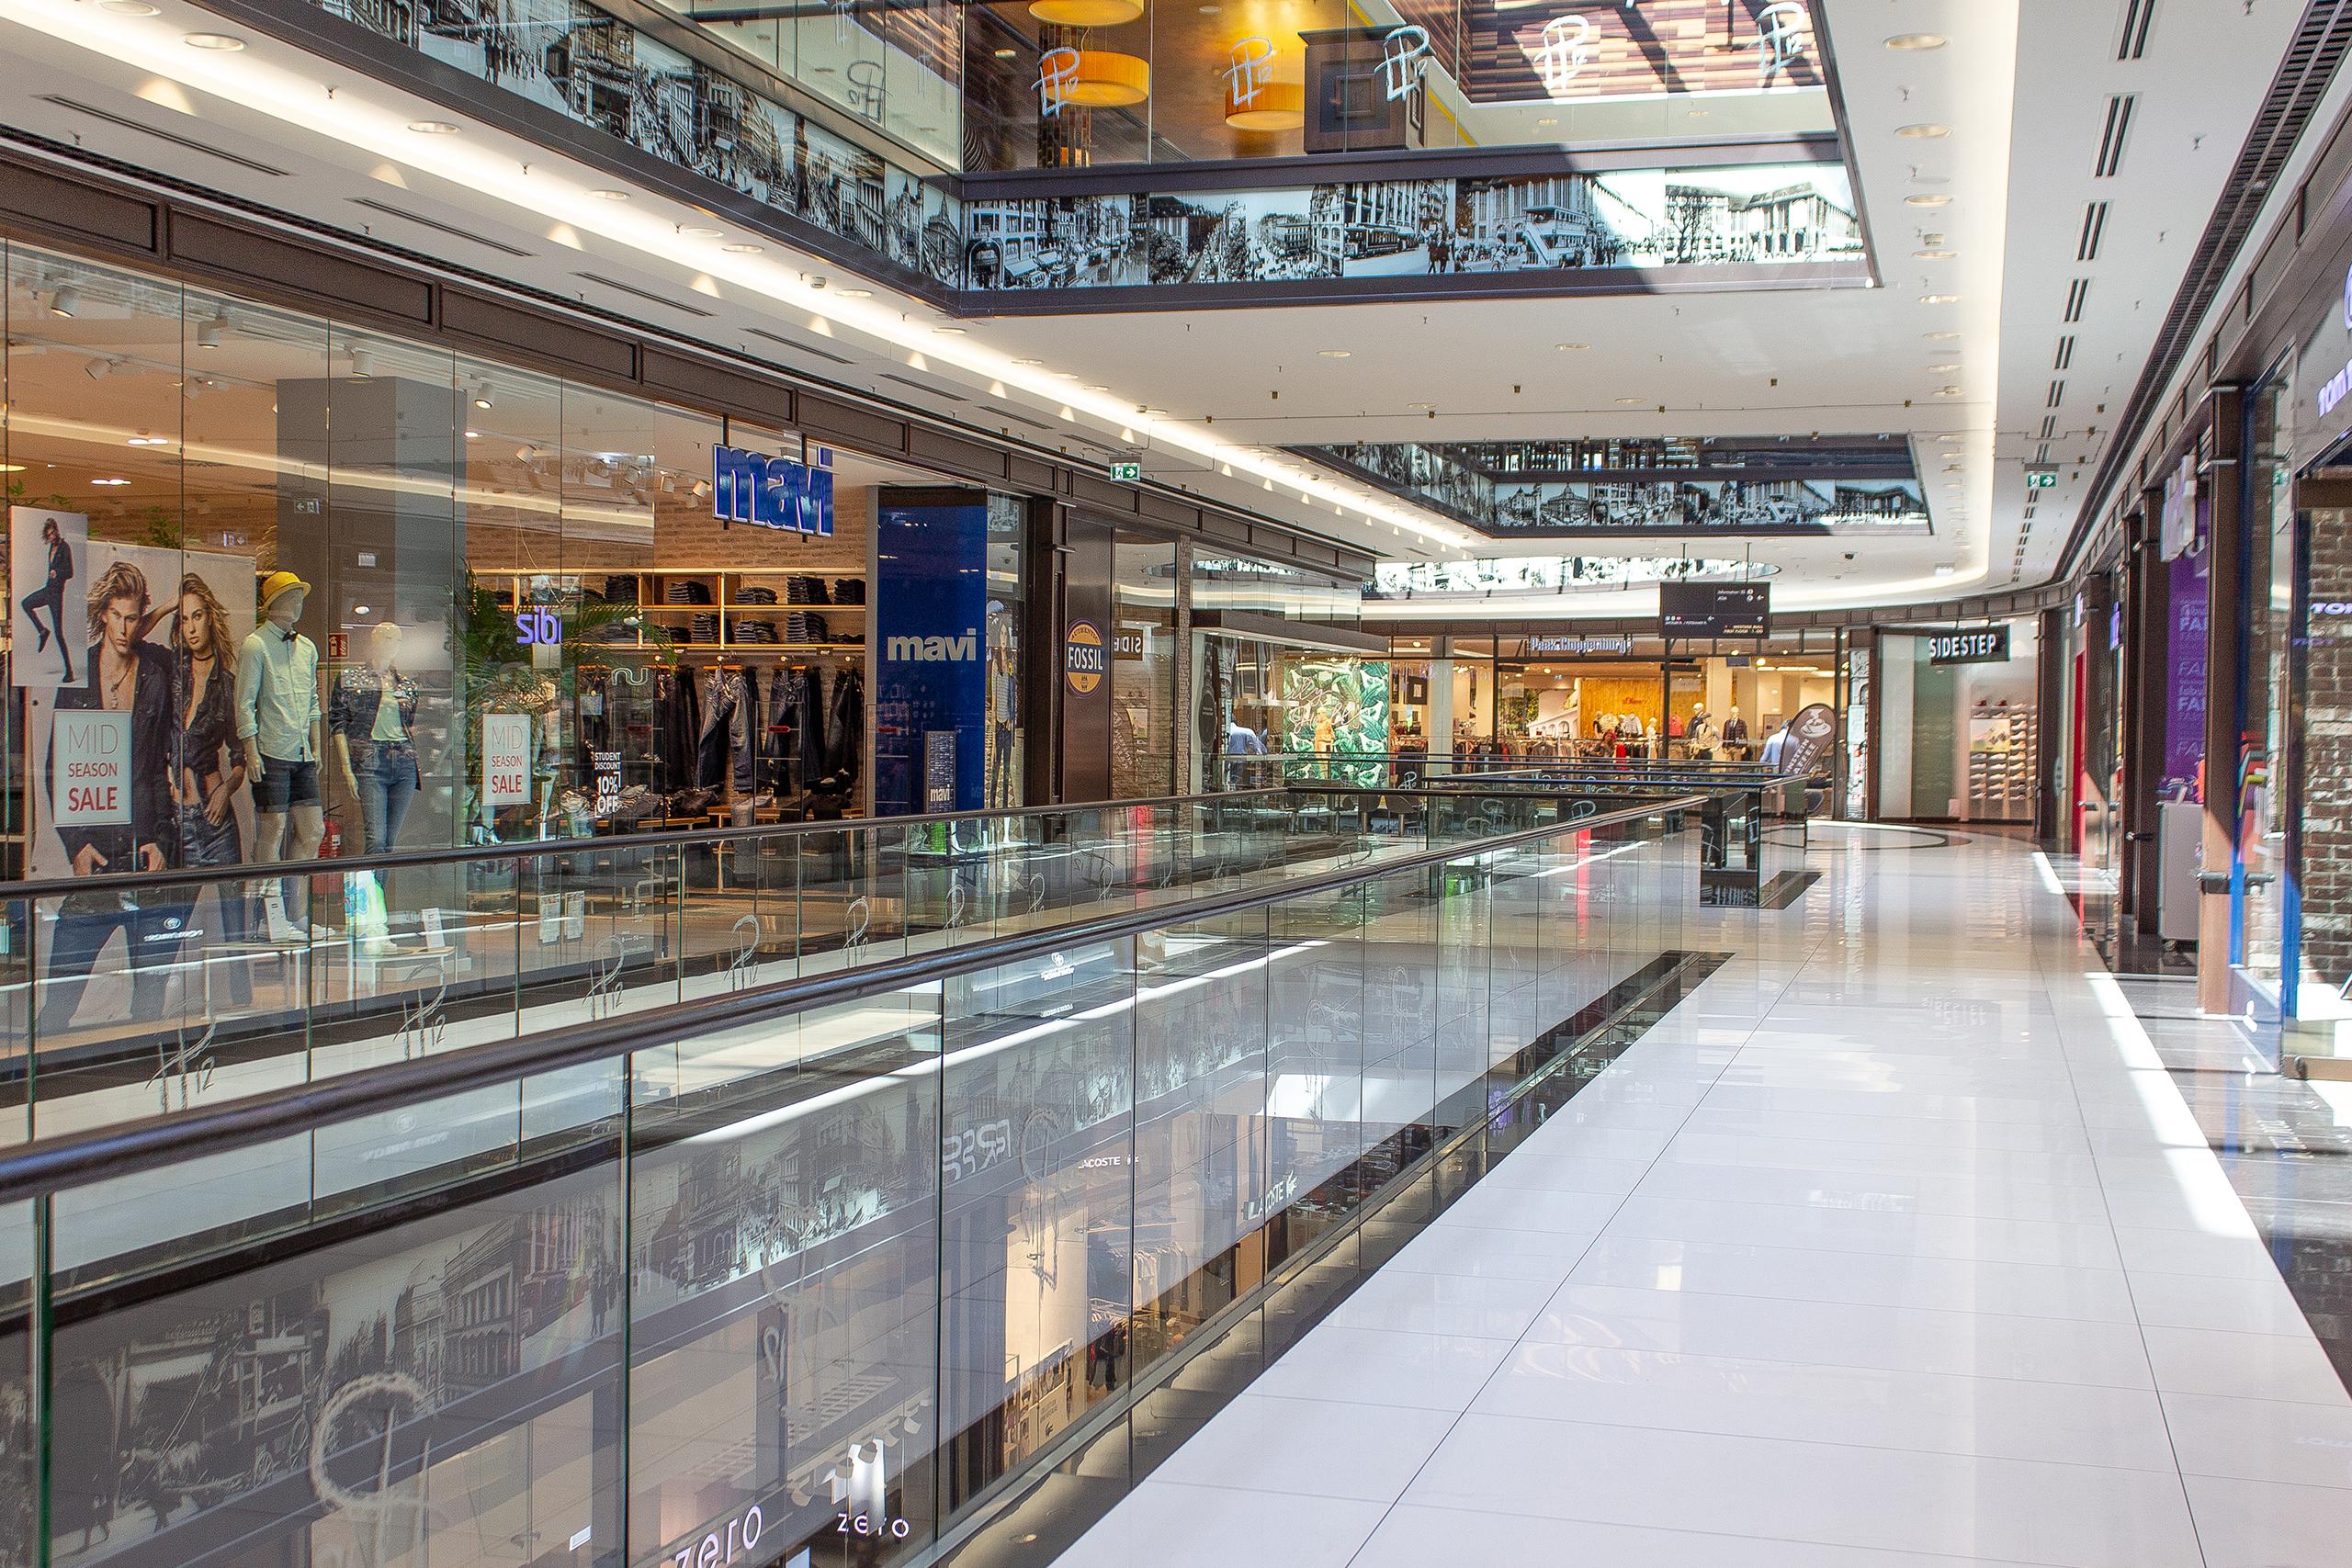 Phaneomen Shoppingcenter Raumgestaltung Conceptdesign Inszenierung Reuse Kapitalismus Museum Shopdesign Mall